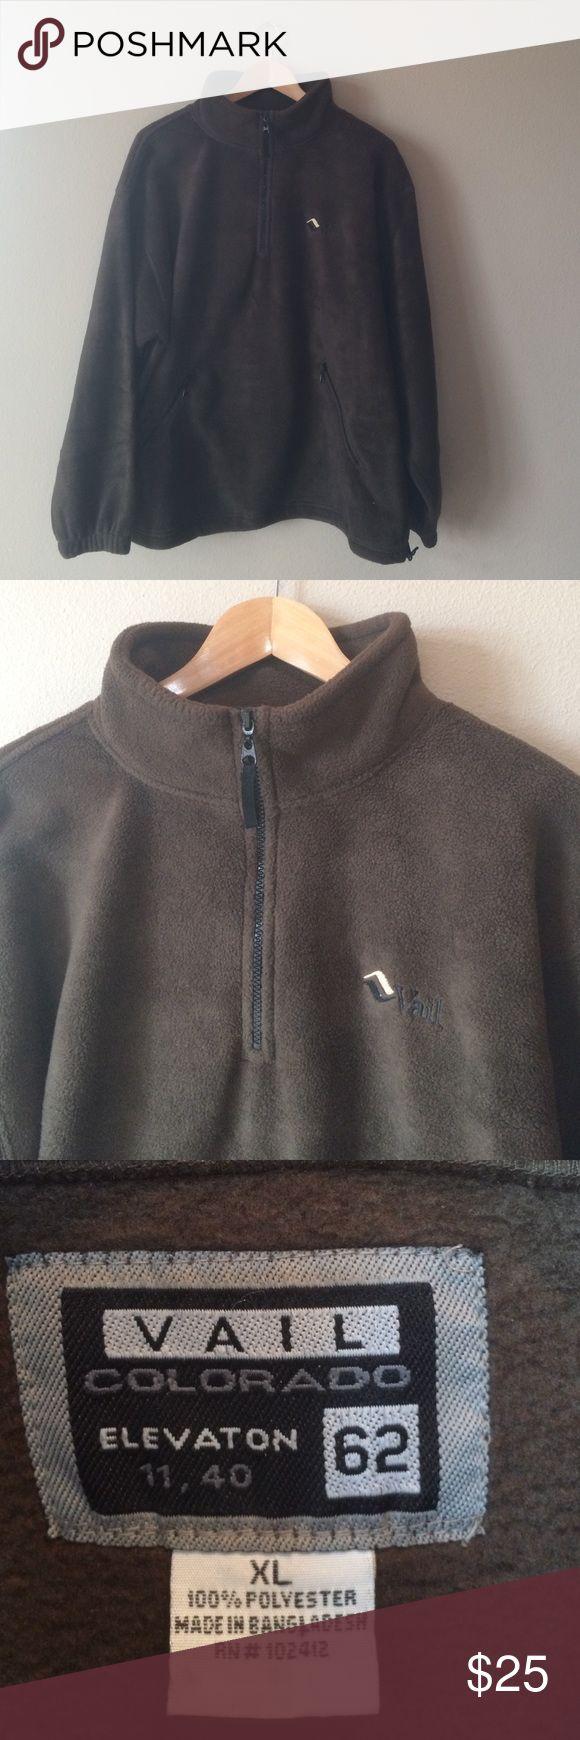 Men's Fleece Jacket XL Hardly used, great condition - like new! Vail Colorado Fleece. Dark brown color. Vail Colorado Jackets & Coats Ski & Snowboard